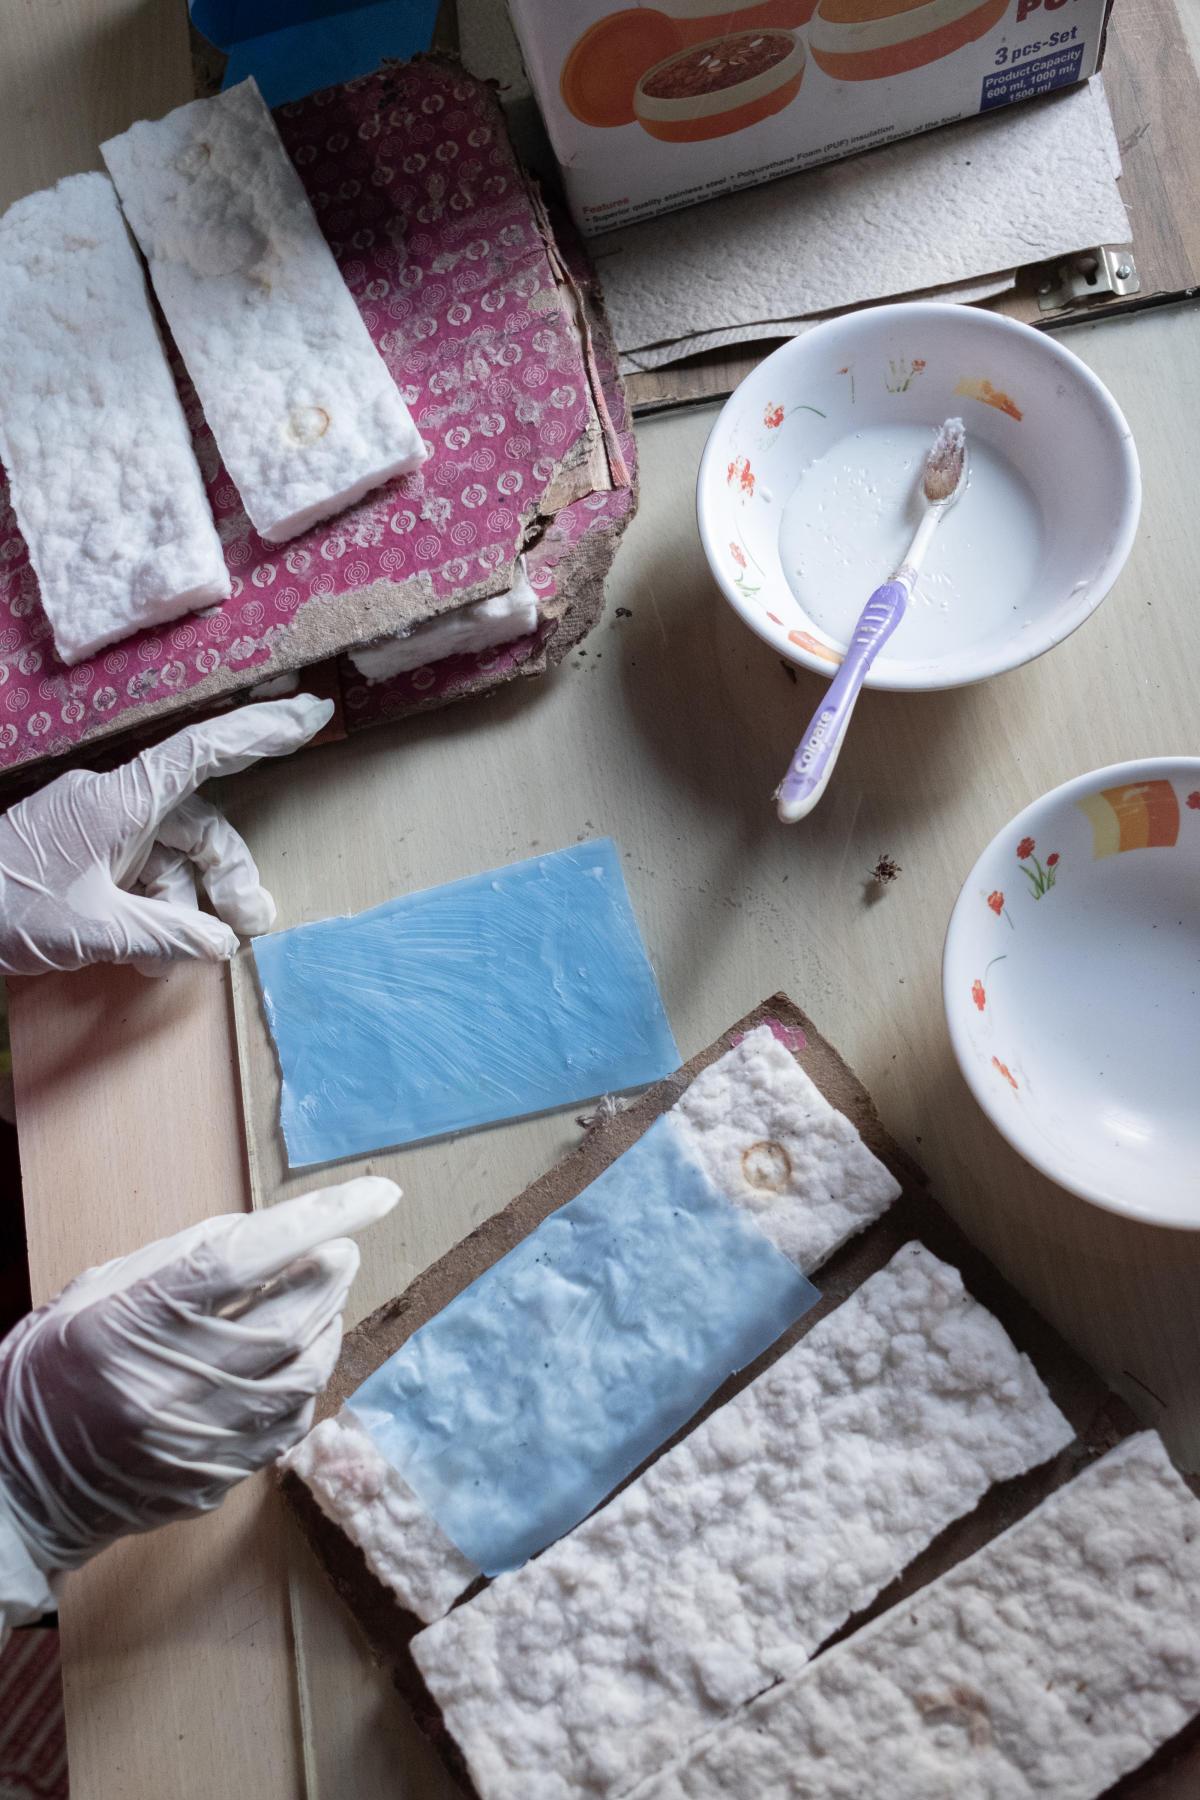 Une femme fabrique une serviette hygiénique durant une démonstration dans l'atelier de Chaya Kakade, en Inde, le 13 juin.